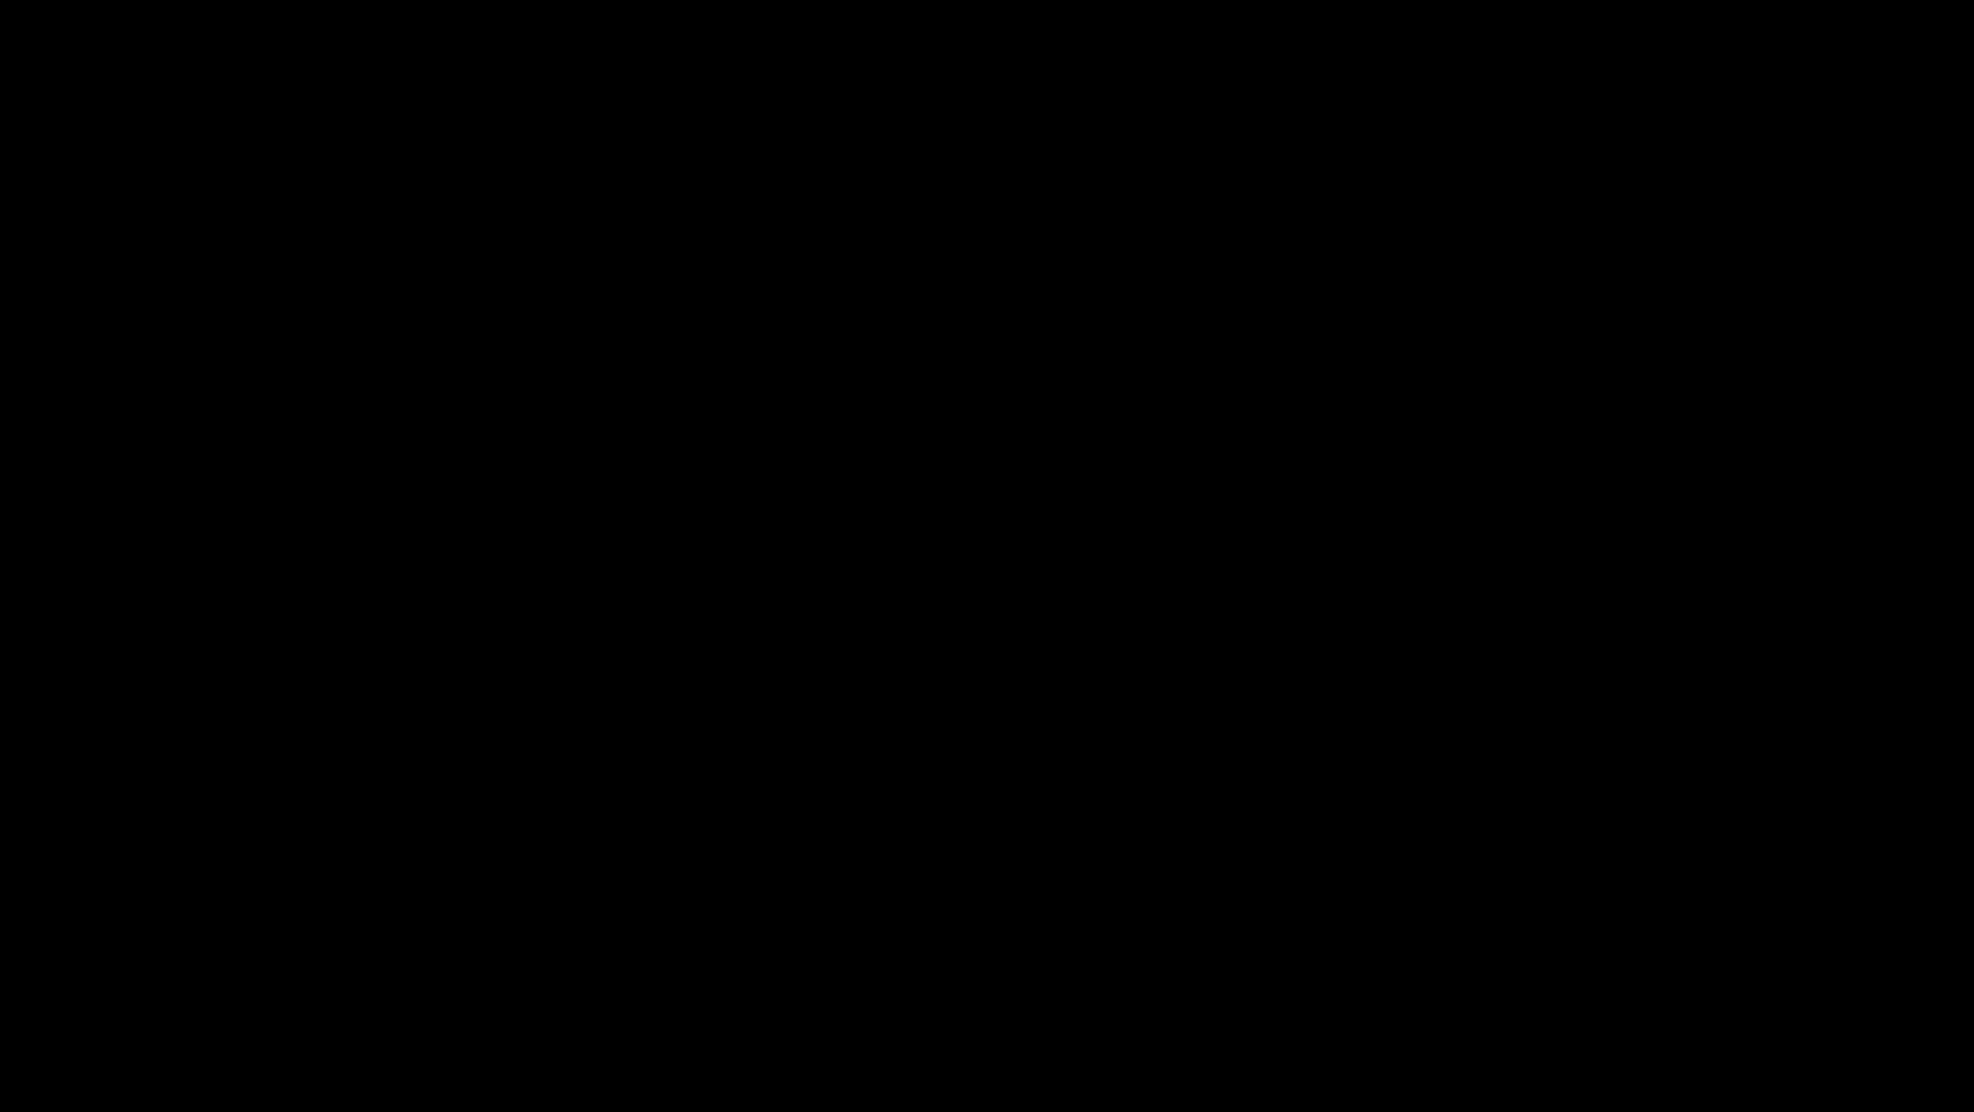 Screen Shot 2020-07-10 at 4.14.02 PM.png